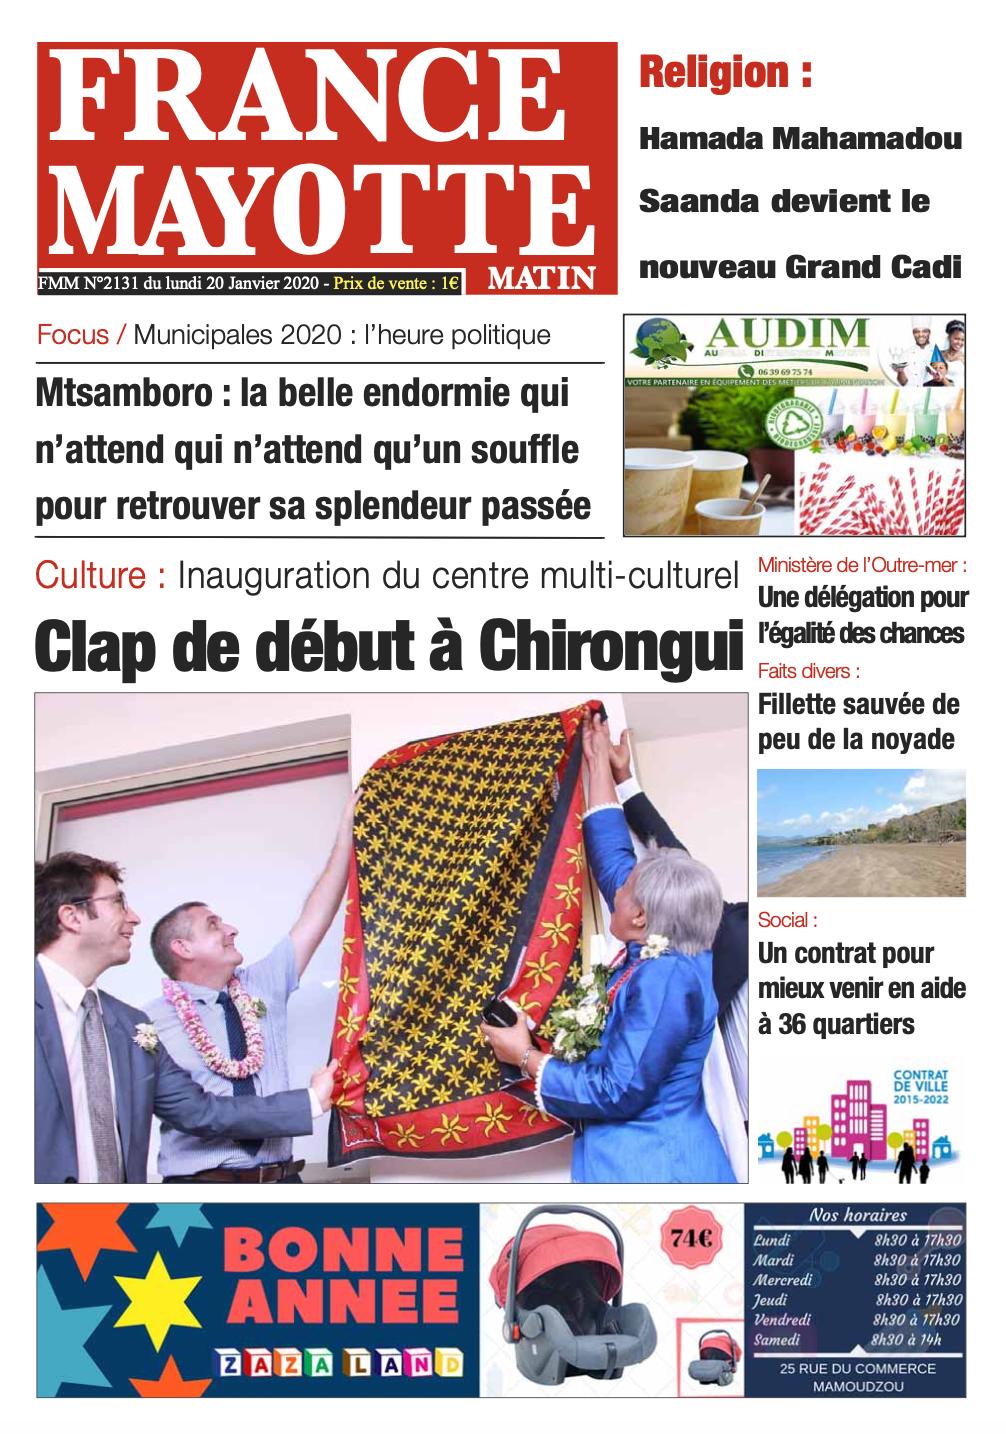 France Mayotte Lundi 20 janvier 2019